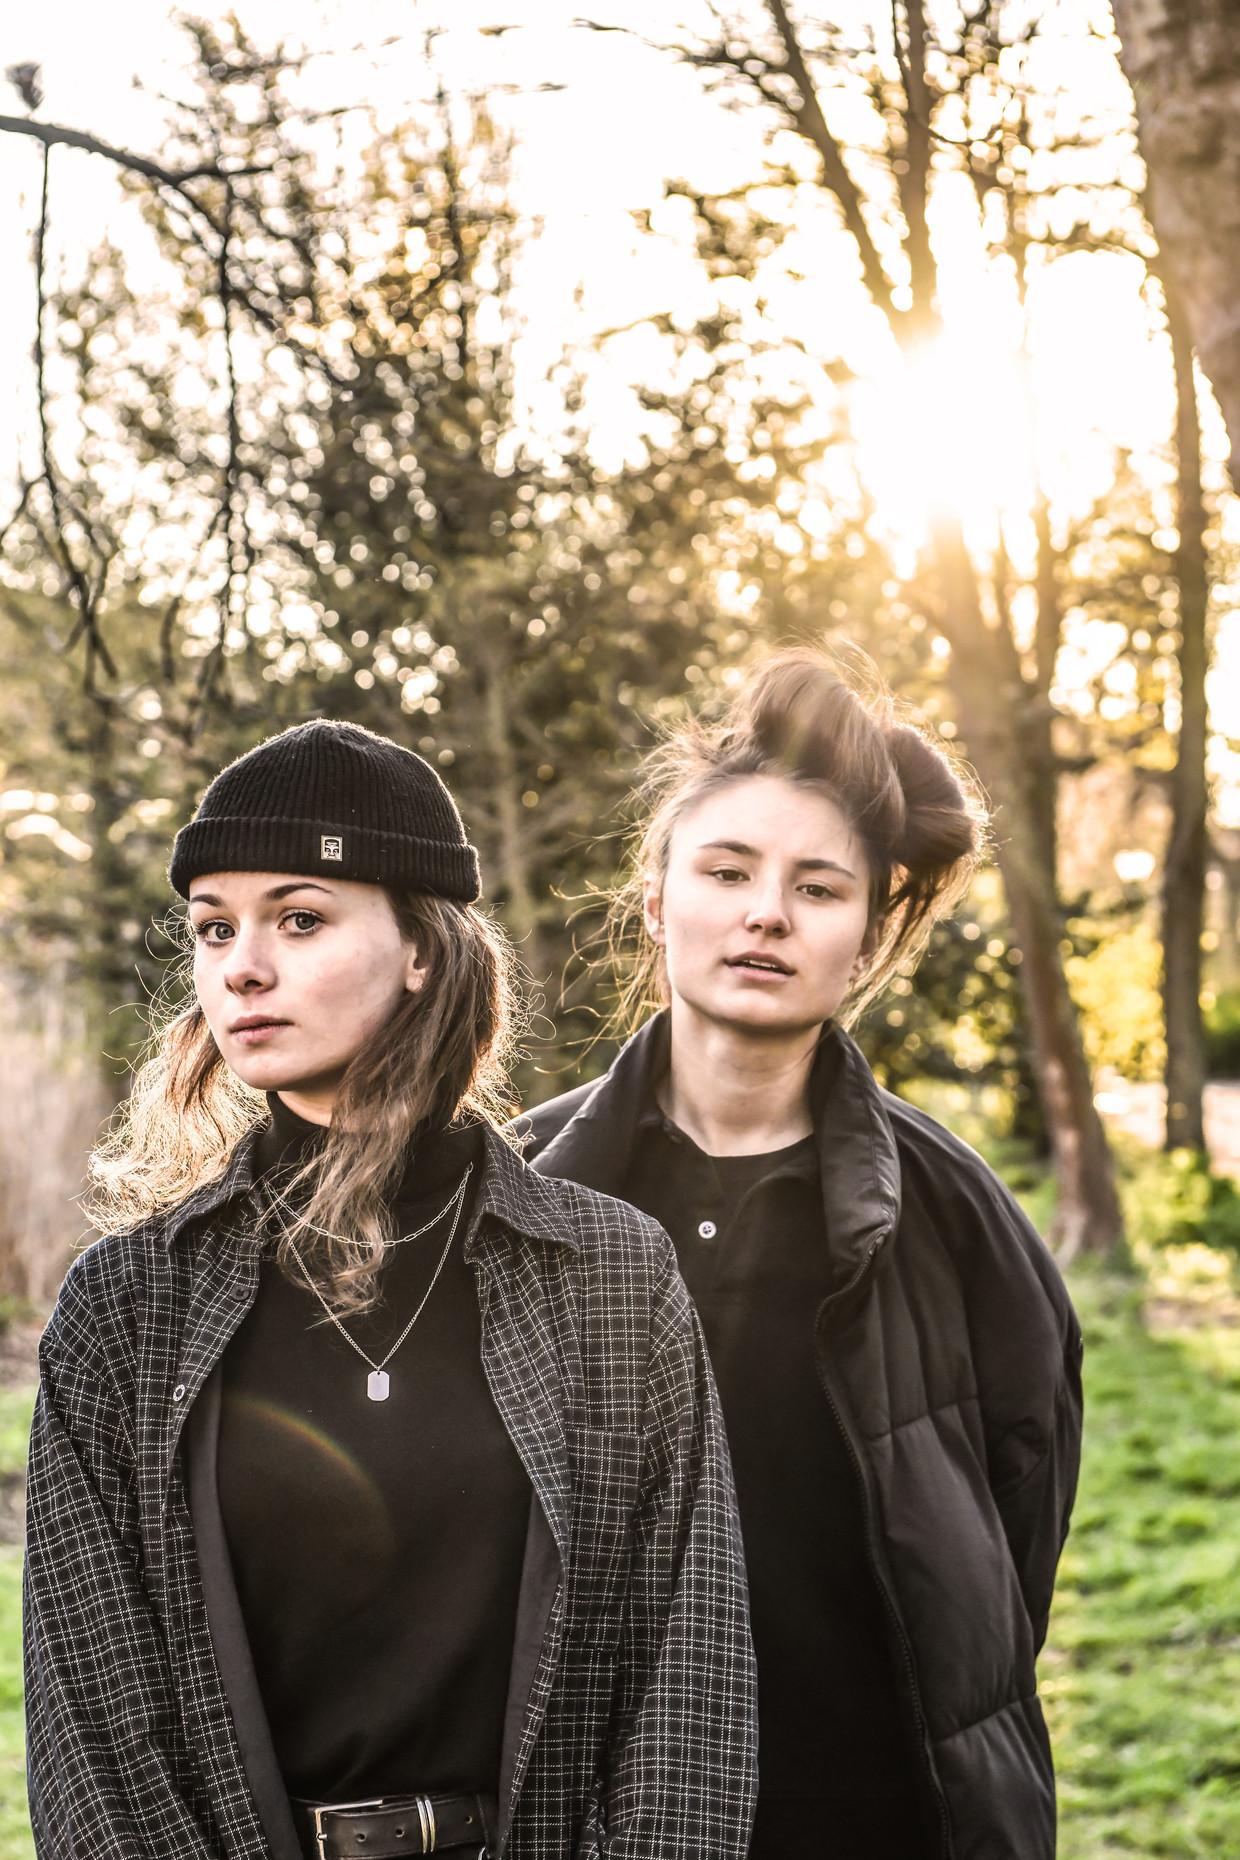 Marie Van Uytvanck (rechts): 'Na mijn ongewilde coming-out op school heb ik me keihard zitten verantwoorden bij al mijn vriendinnen: 'Nee, ik ben níét verliefd op u!'' Beeld Koen Bauters